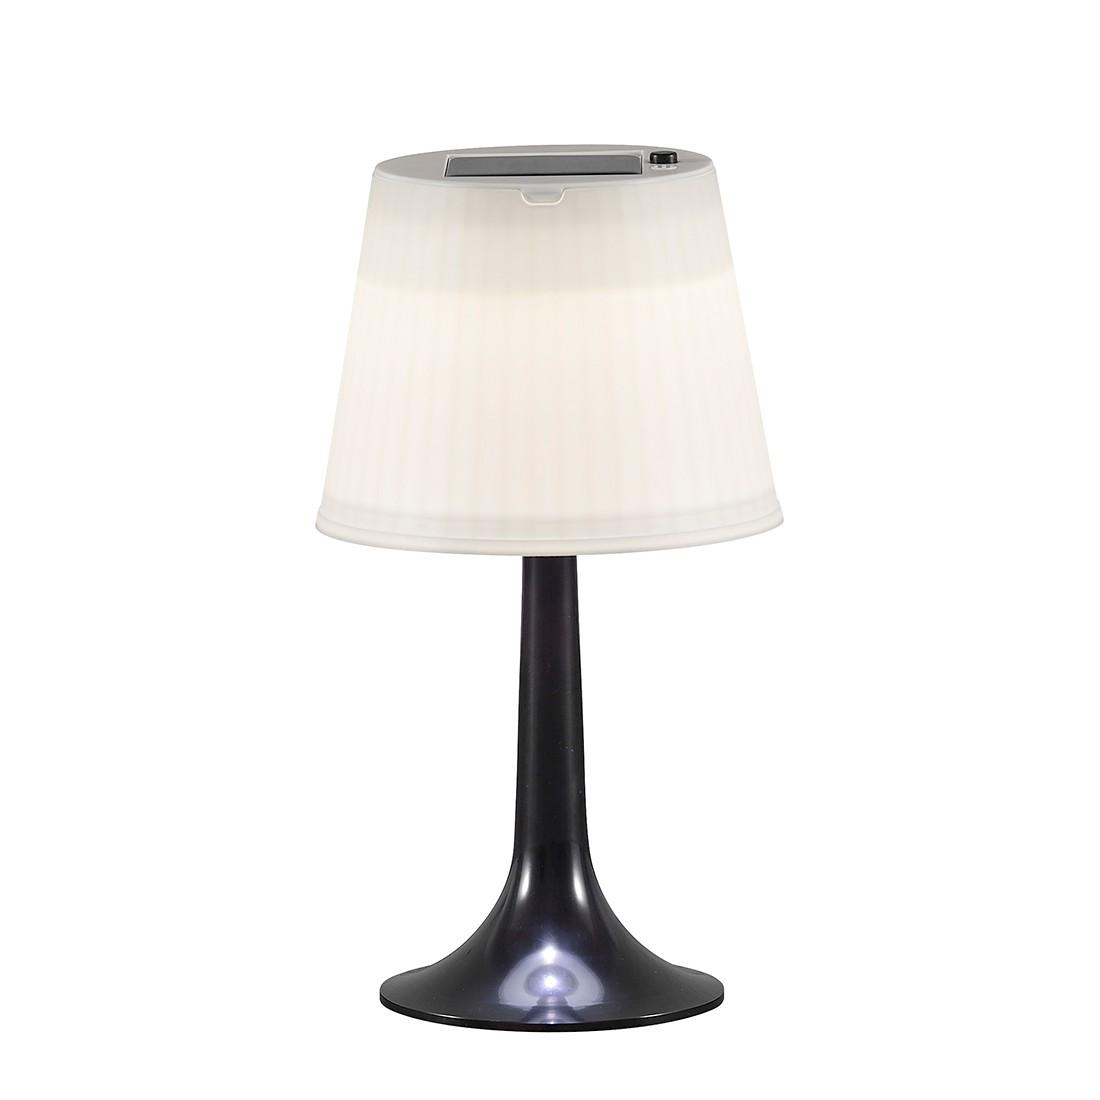 LED-Außenleuchte Assisi Sitra ● Kunststoff ● 1-flammig ● Weiß / Schwarz- Konstsmide A+